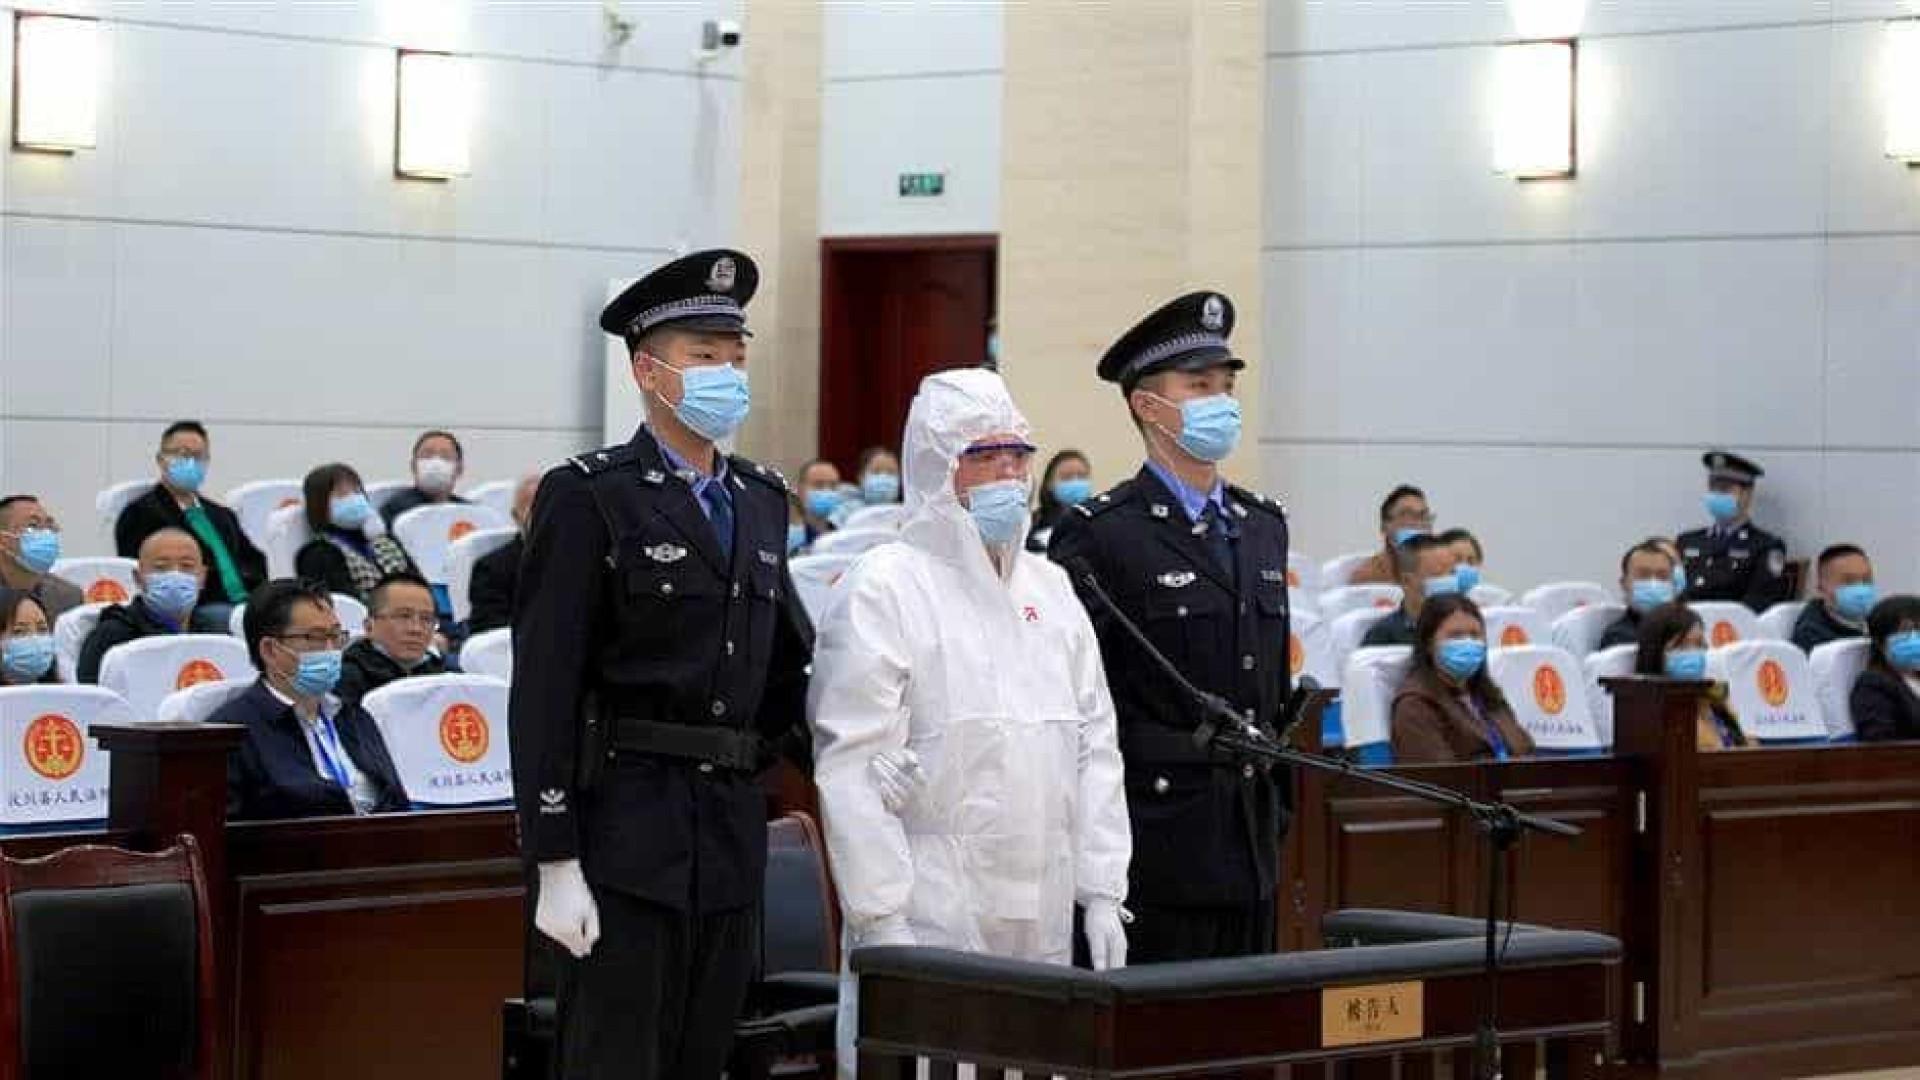 Chinês que ateou fogo à ex-mulher em live na web recebe pena de morte